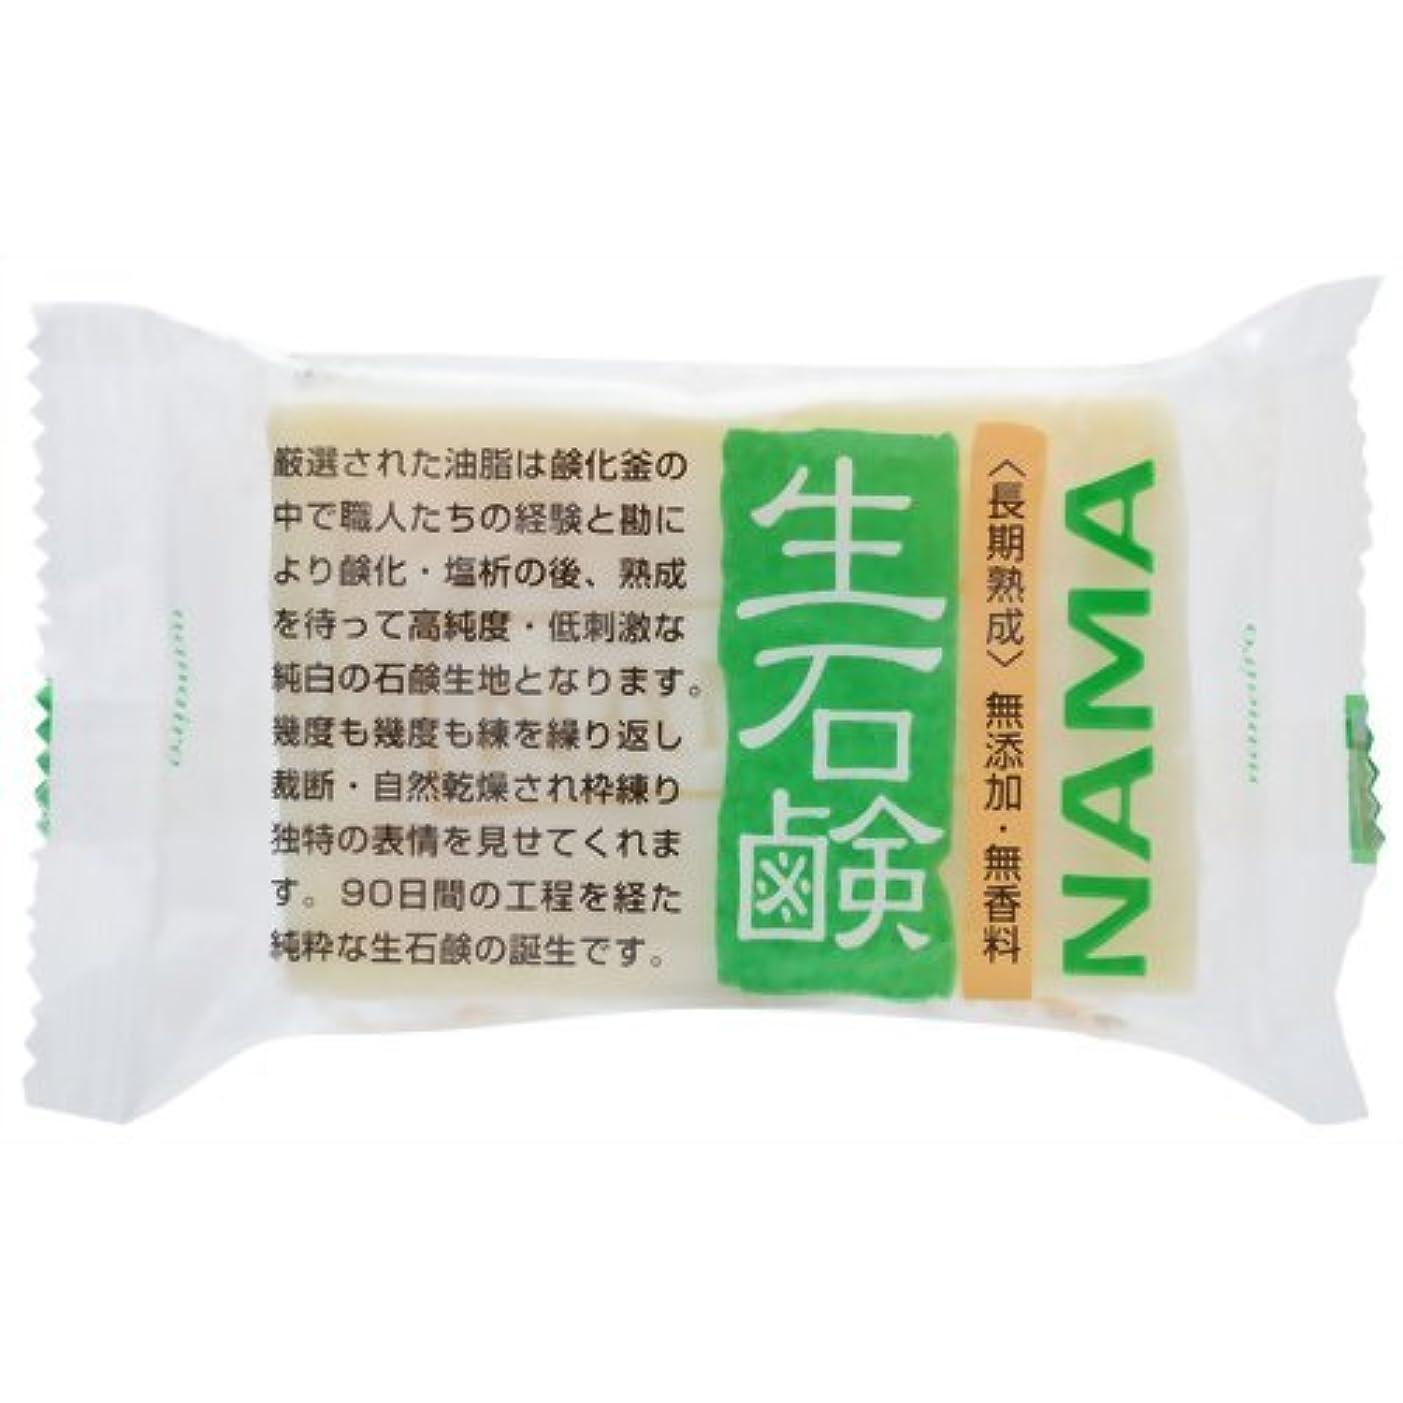 ダース銅決定生石鹸NAMA 100g